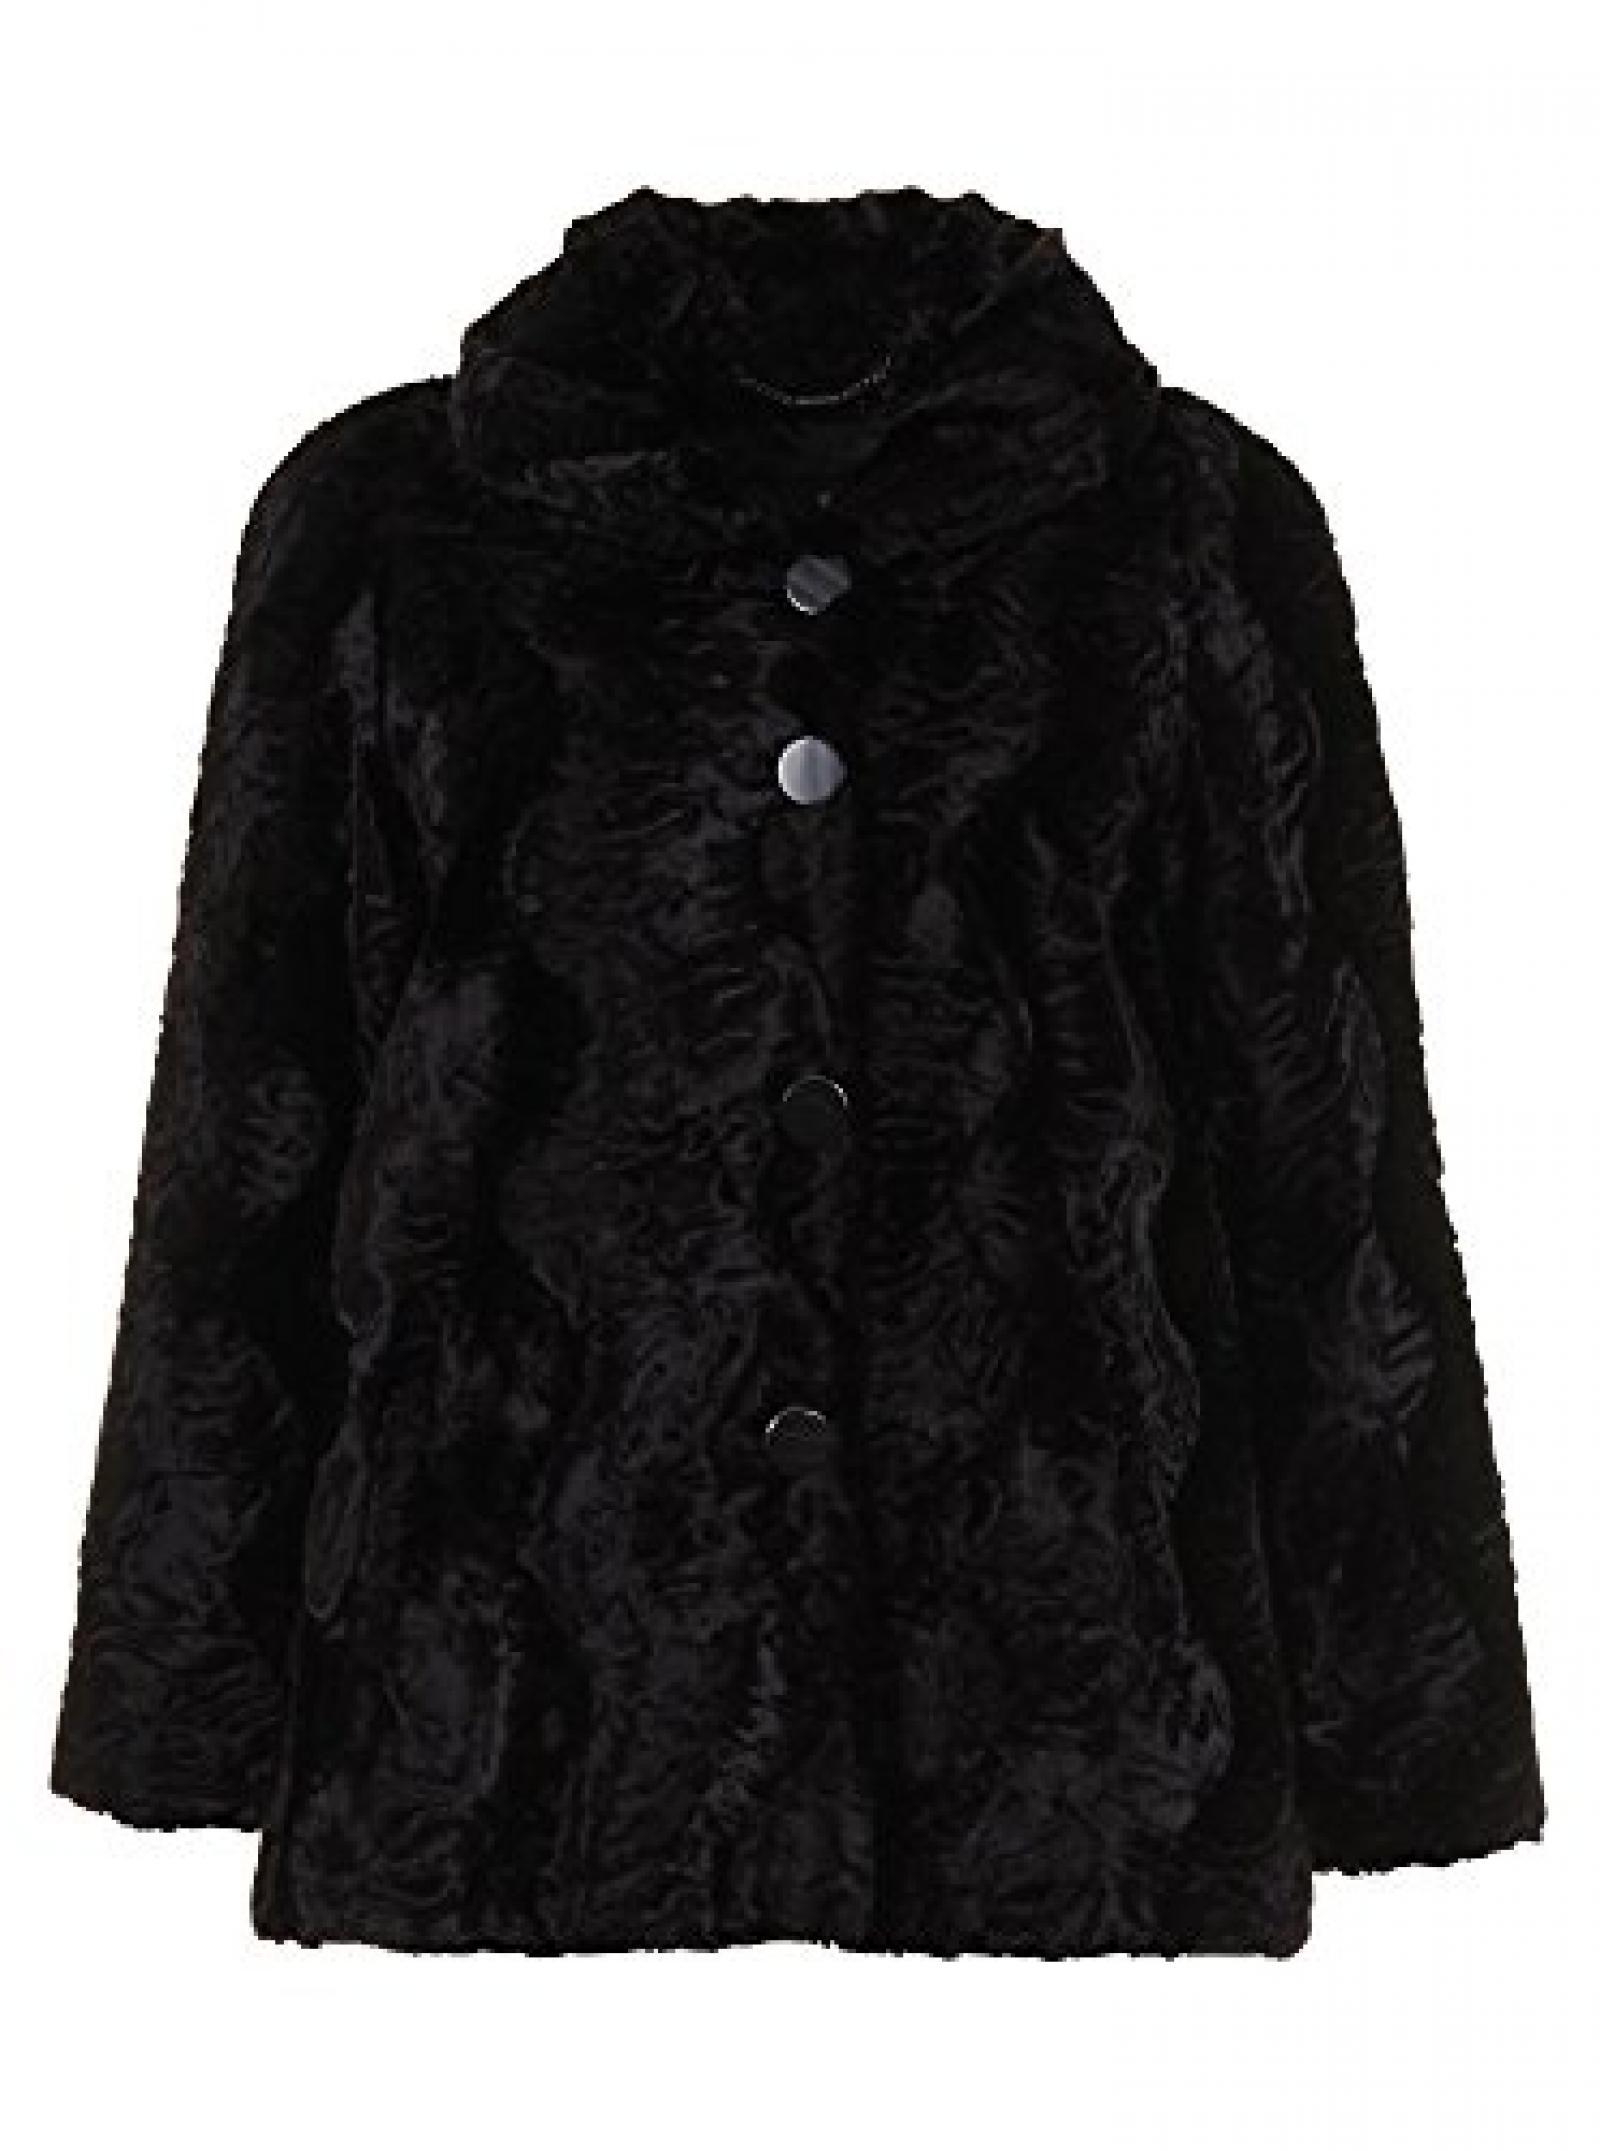 Baronia - Damen - schwarze Jacke mit Samtglanz